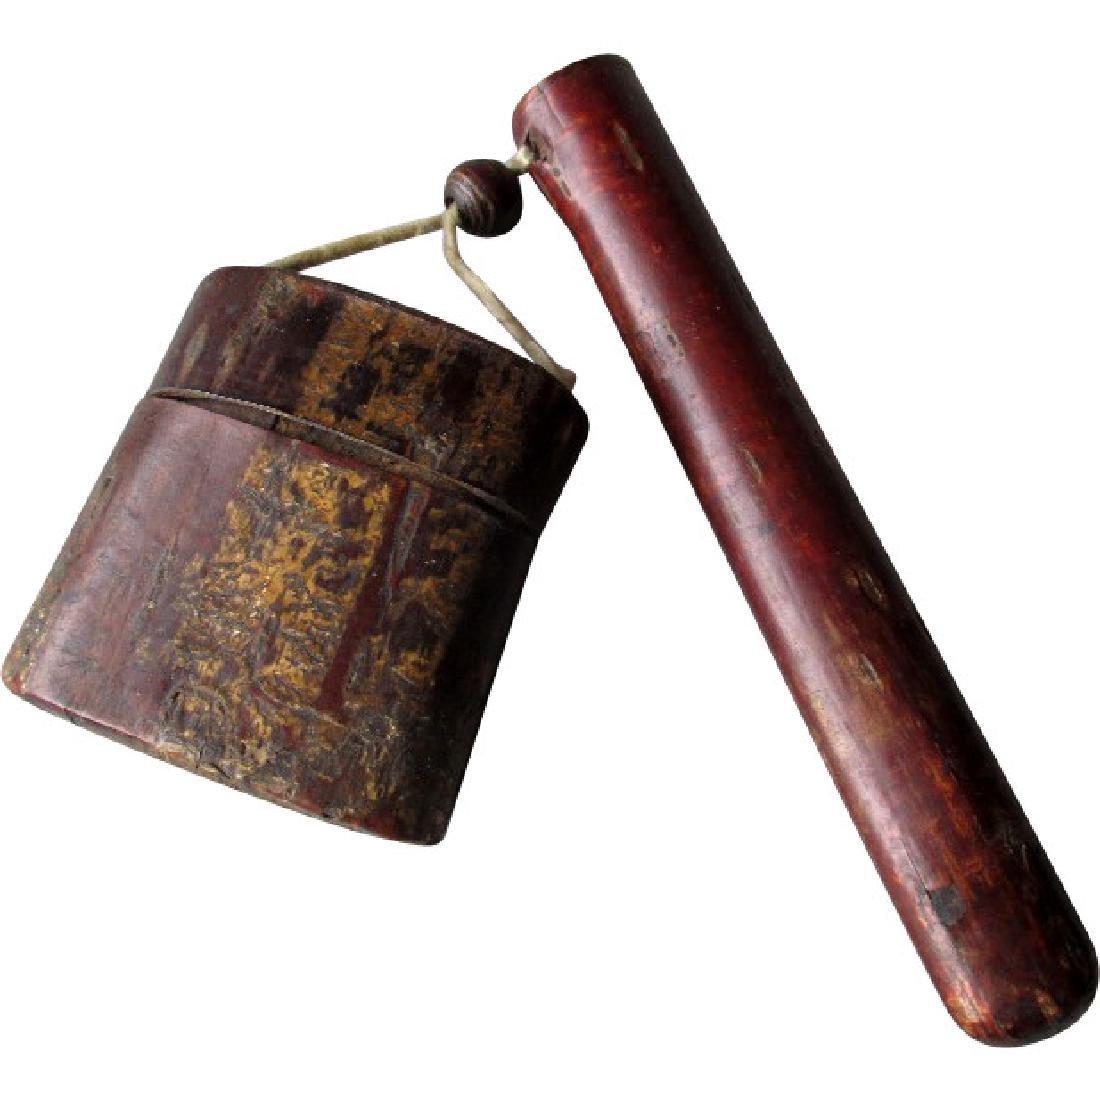 19th Century Japanese Cherry Bark Kiseruzutsu Pipe Case